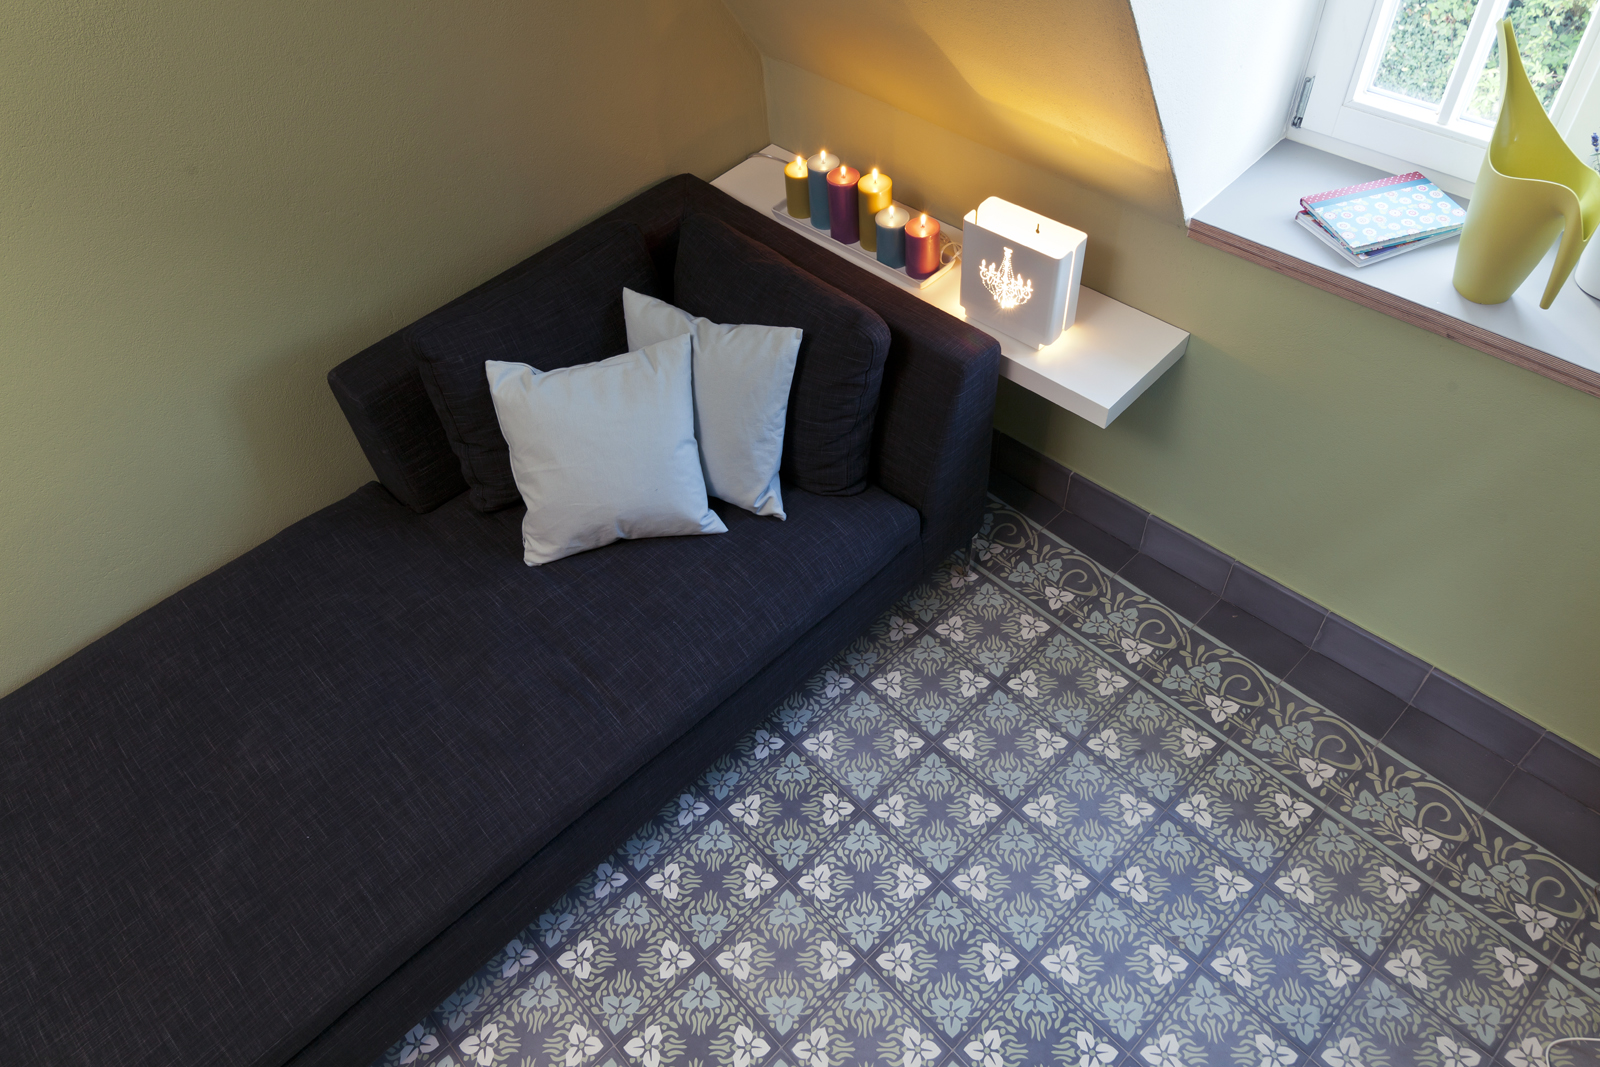 kreidefarbe-gruener-tee-107-sofazimmer-zementfliesen-terrazzofliesen-viaplatten | Kreidefarbe Grüner Tee 2500 ml